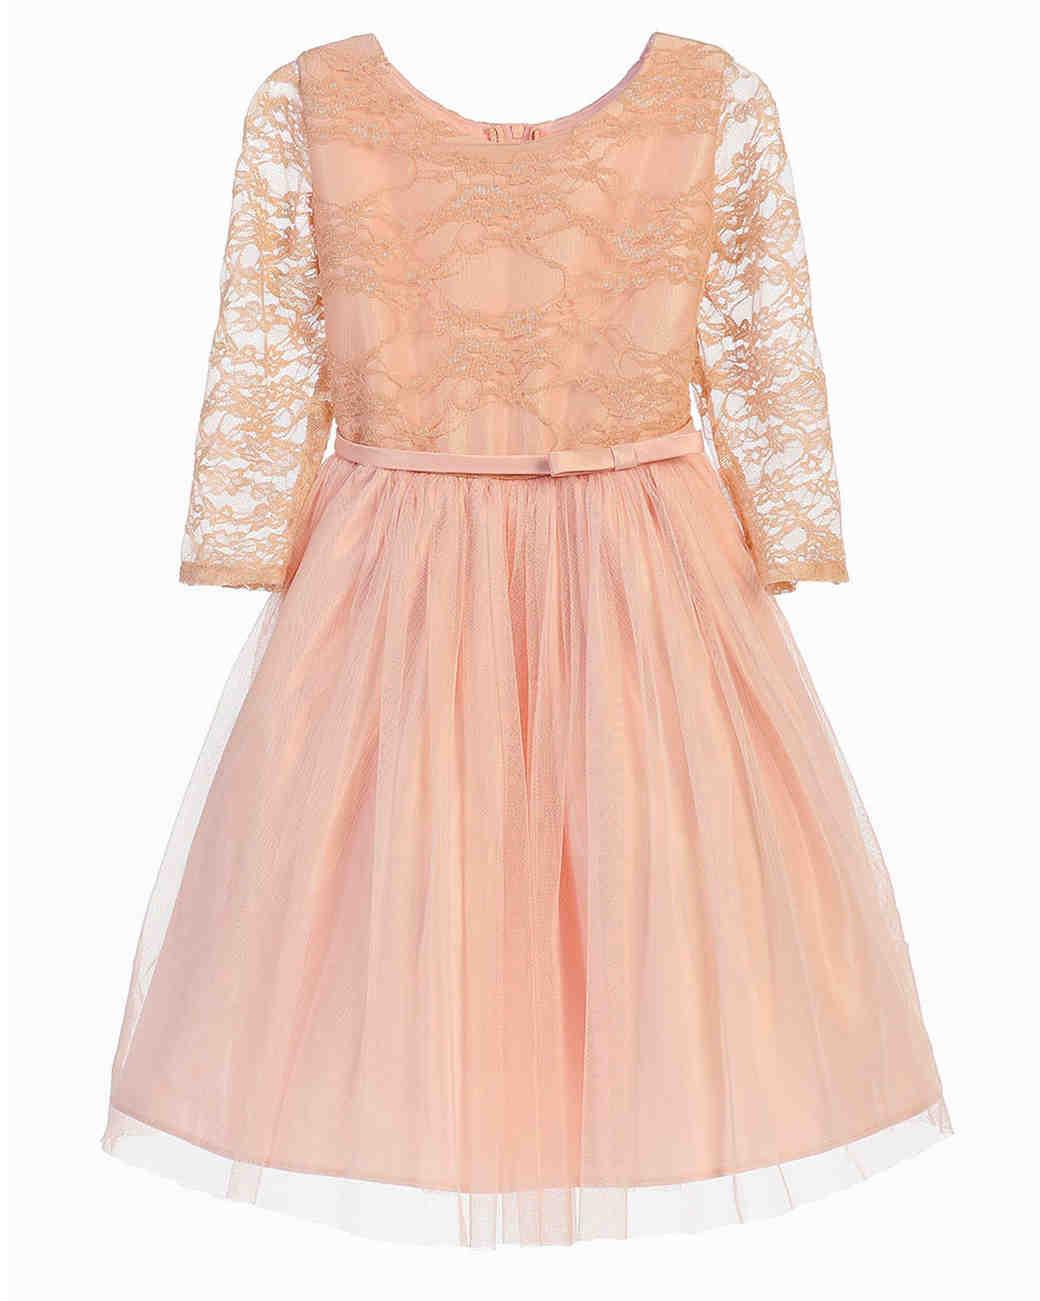 The Sweetest Long Sleeve Dresses For Flower Girls Martha Stewart